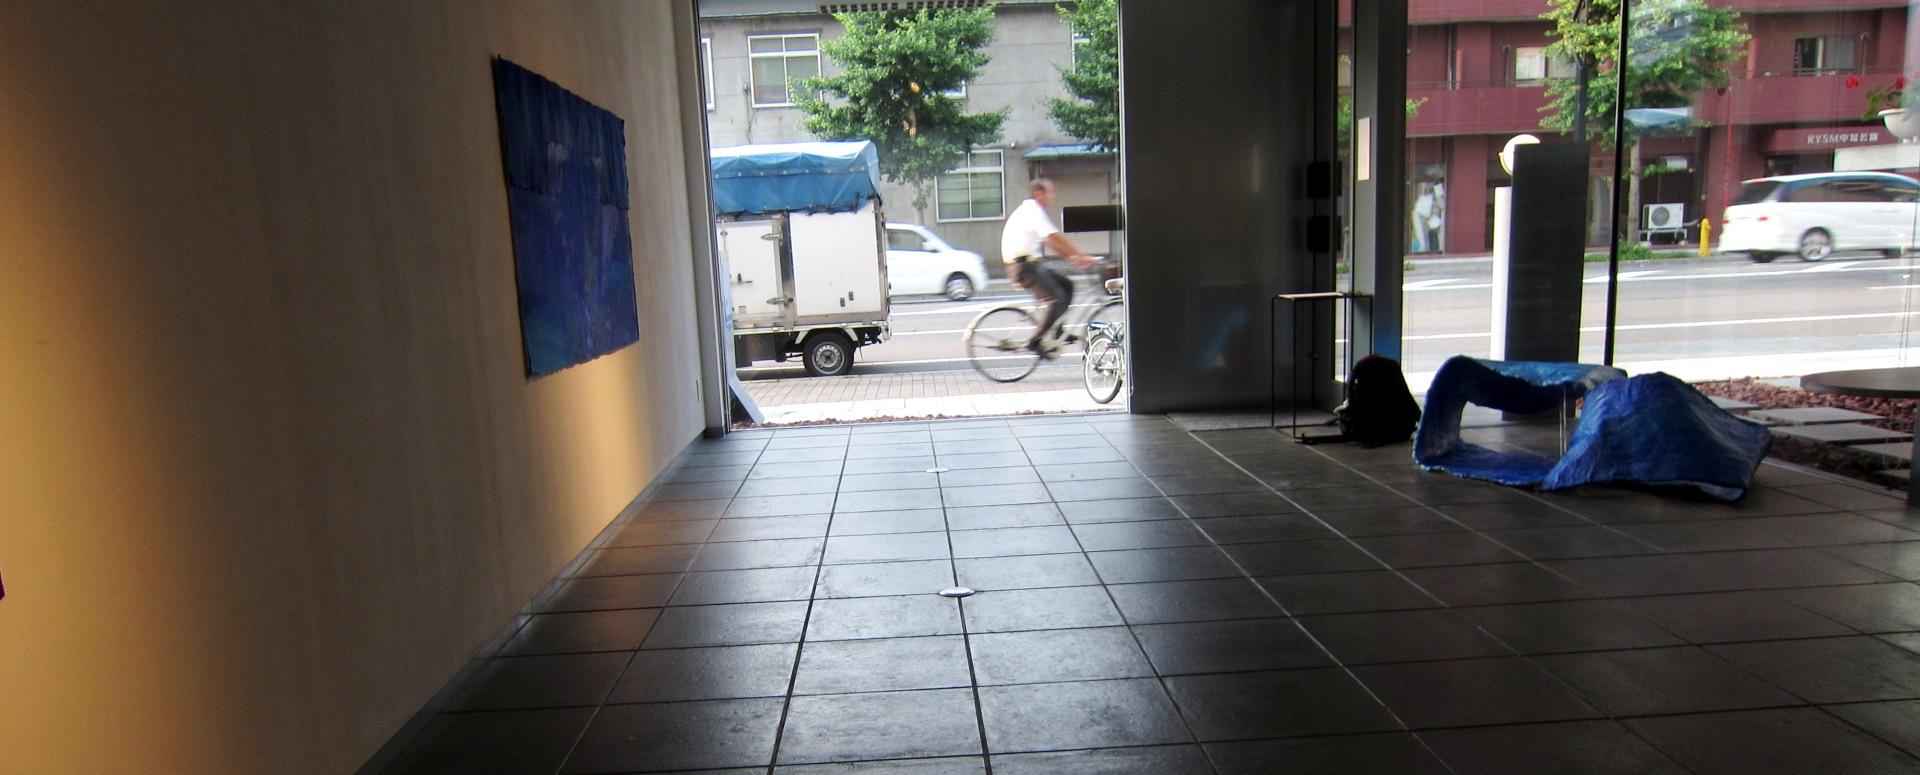 2434) 「後藤和子展 『青の災禍』」 創 7月30日(水)~8月10日(日)_f0126829_217279.jpg